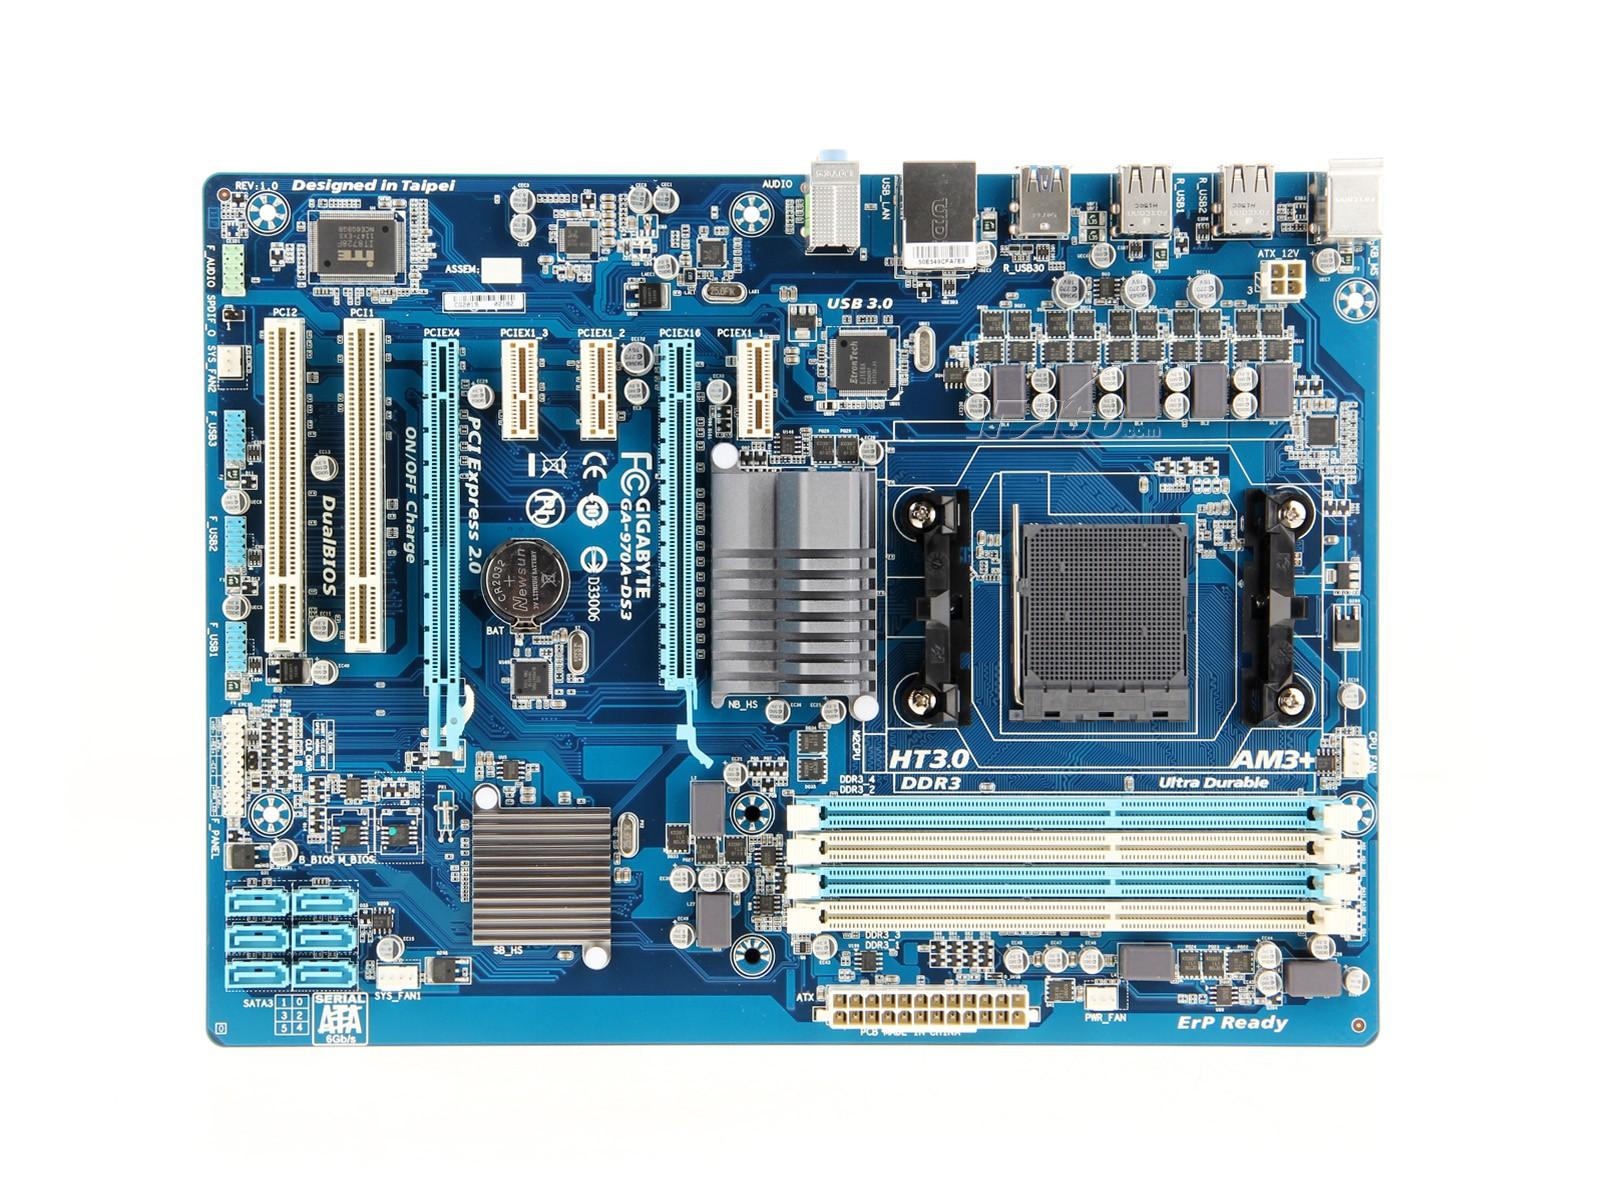 技嘉970主板配那款低功耗cpu?